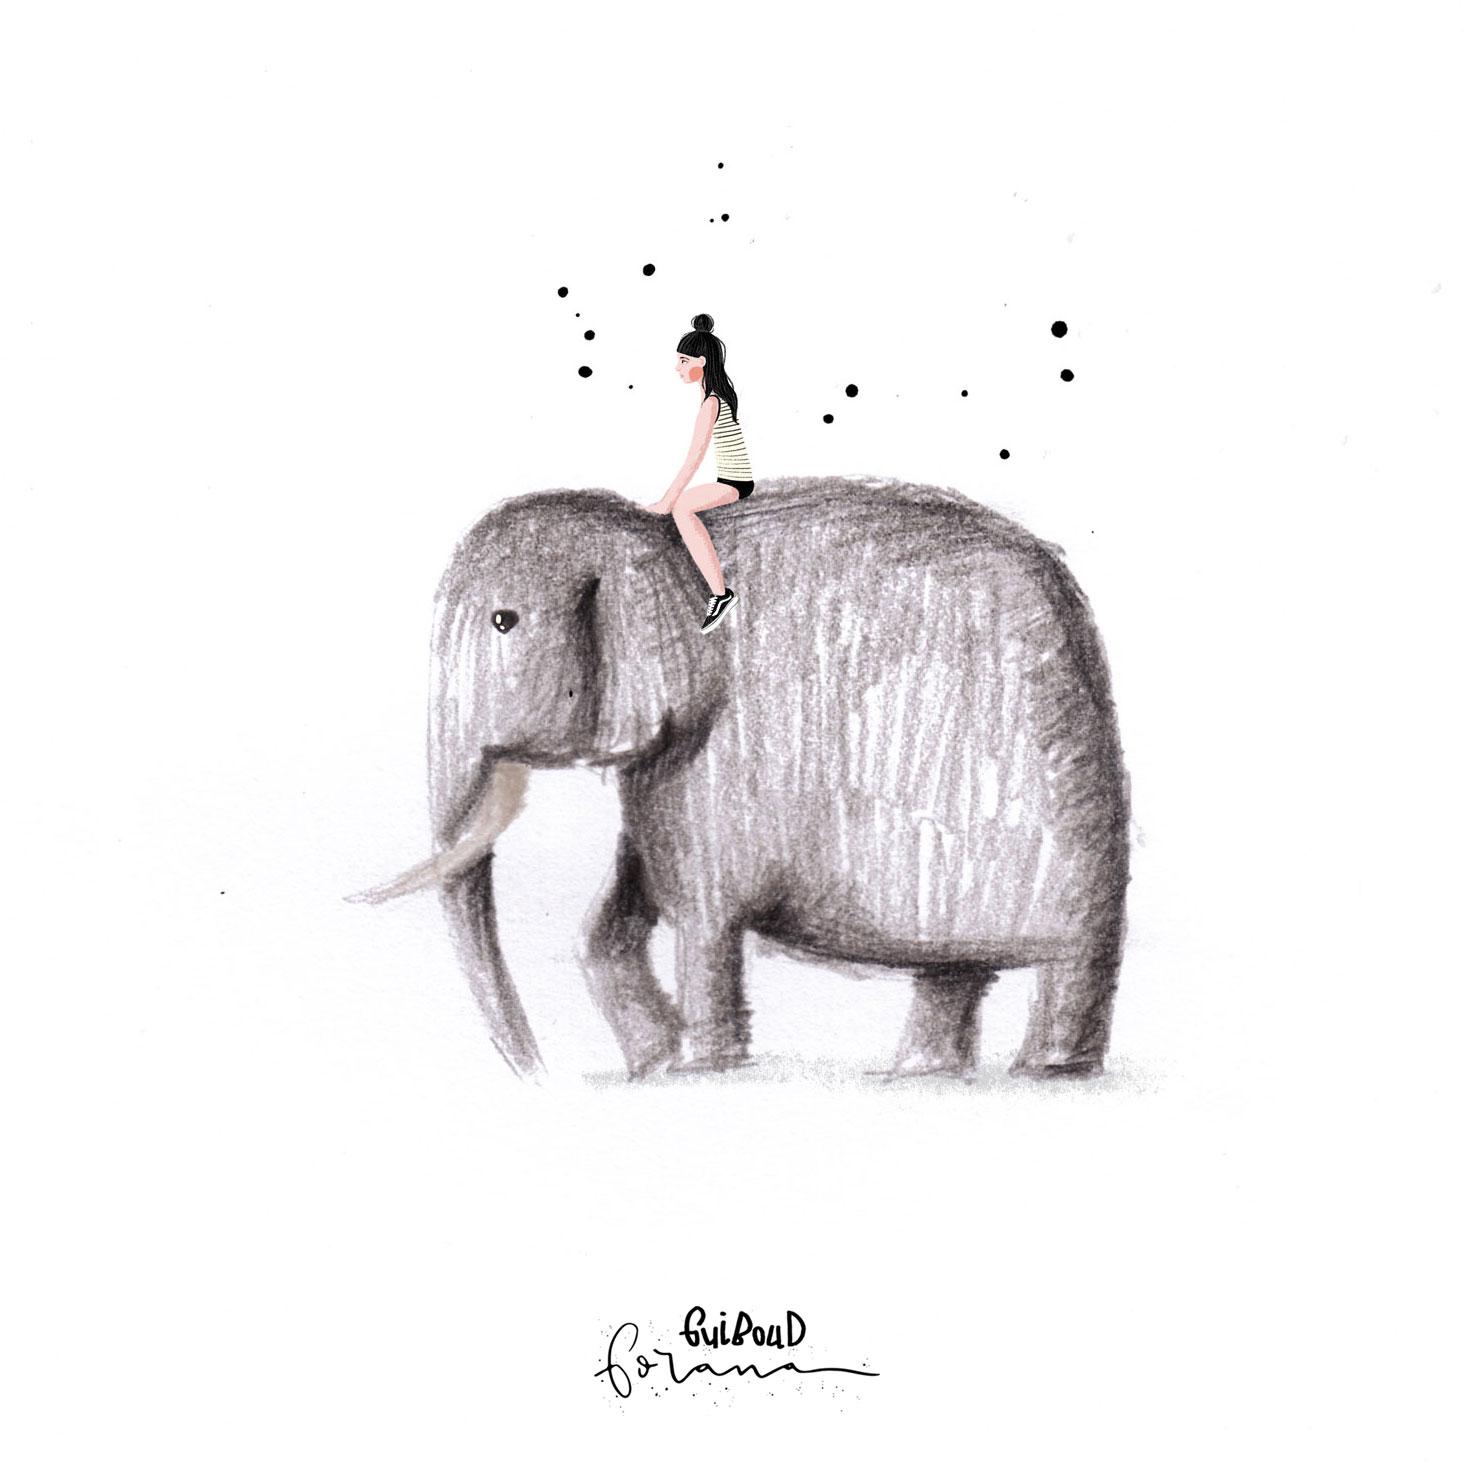 Elefant - ---Buntstifte und Photoshop am iPad mit Apple PencilEs geht ihr gut da oben, sie sieht die Welt aus einem anderen Blickwinkel und bewegt sich langsam aber sicher vorwärts ... dahin wo sie hin will. Sie kann den Weg in vollen entschleunigten Zügen genießen, ohne Eile aber mit Zuversicht. Was für ein Moment.